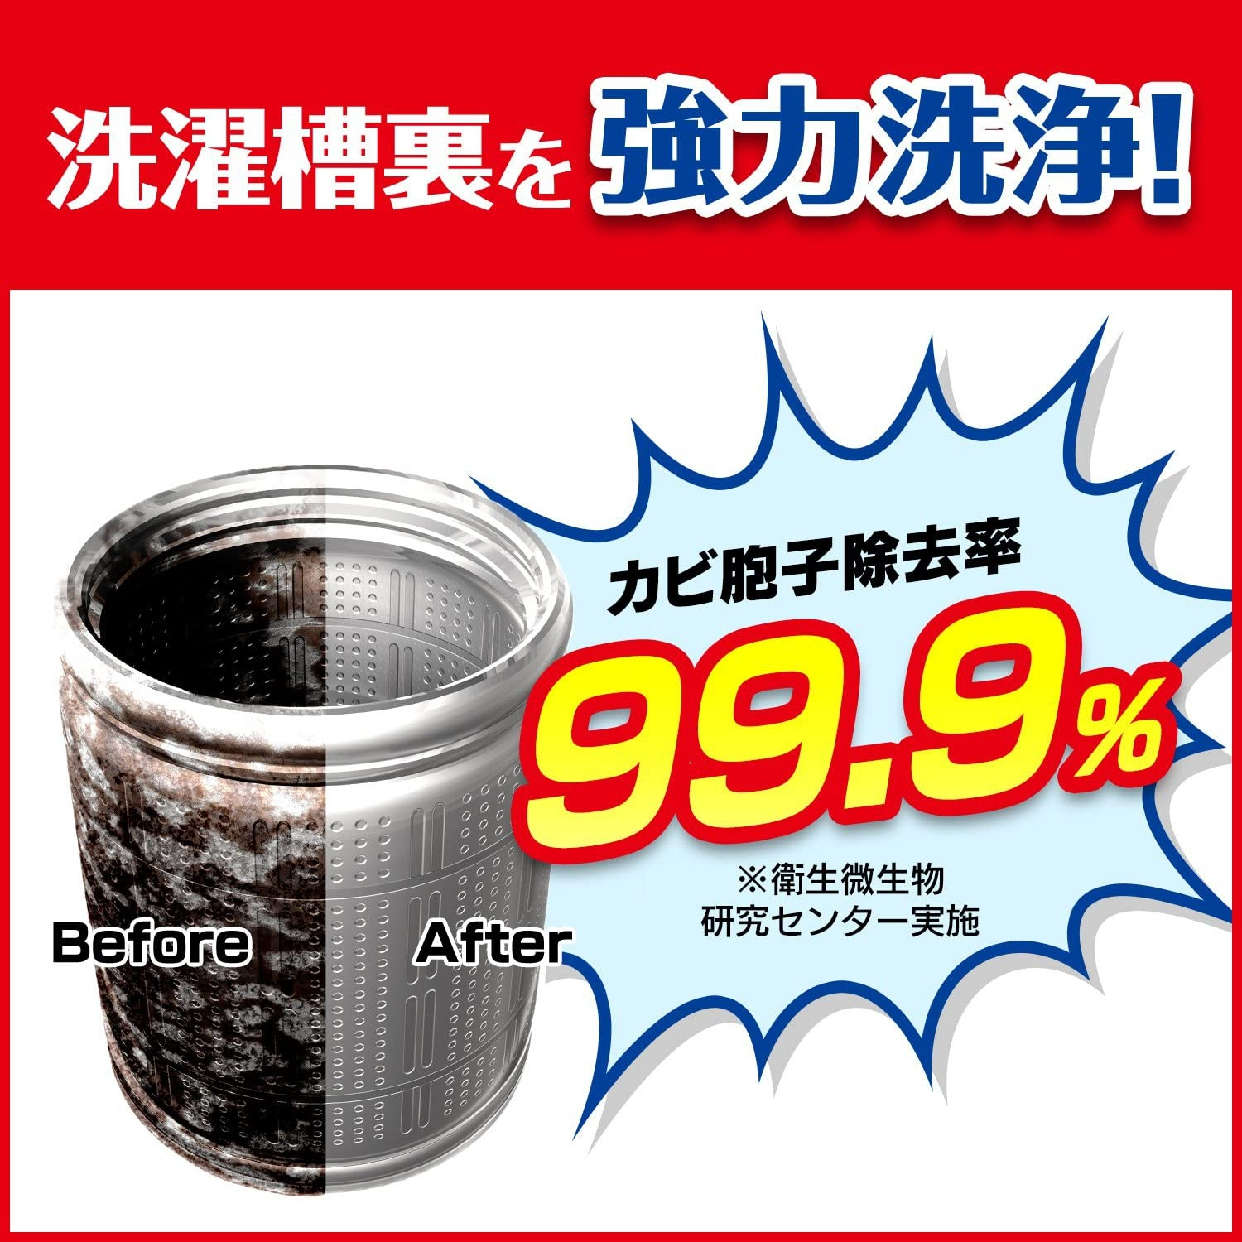 カビキラー洗たく槽カビキラー (塩素系)の商品画像4